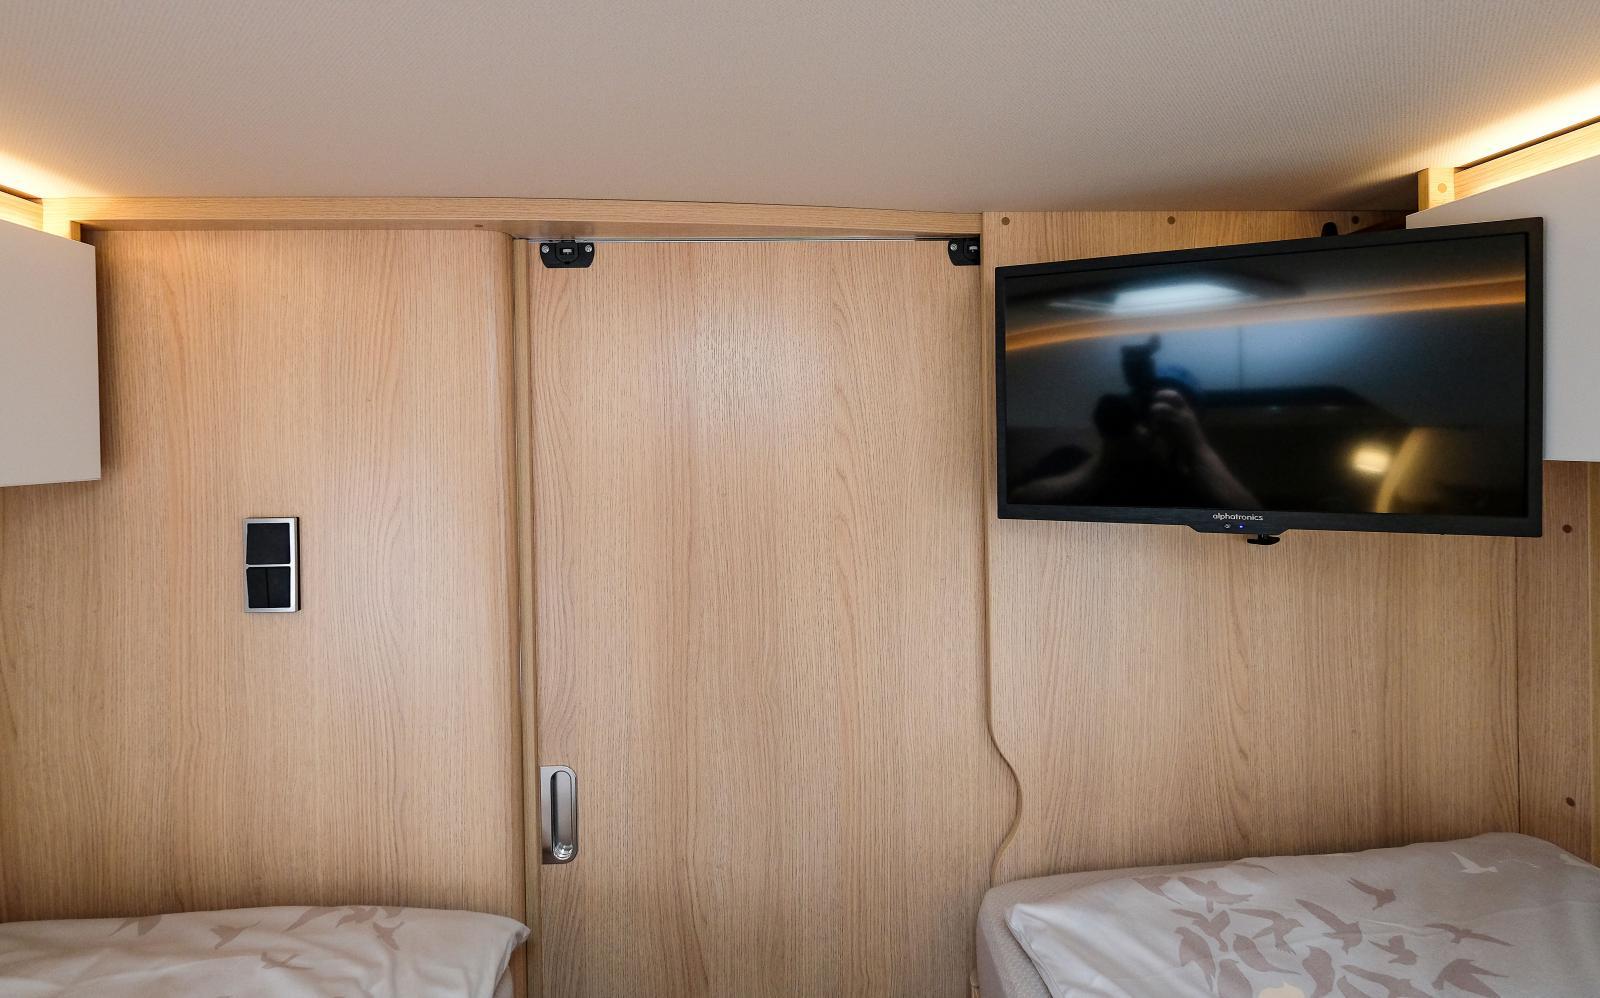 Sovrum med bra placering av tv och skjutdörr mot badrum.